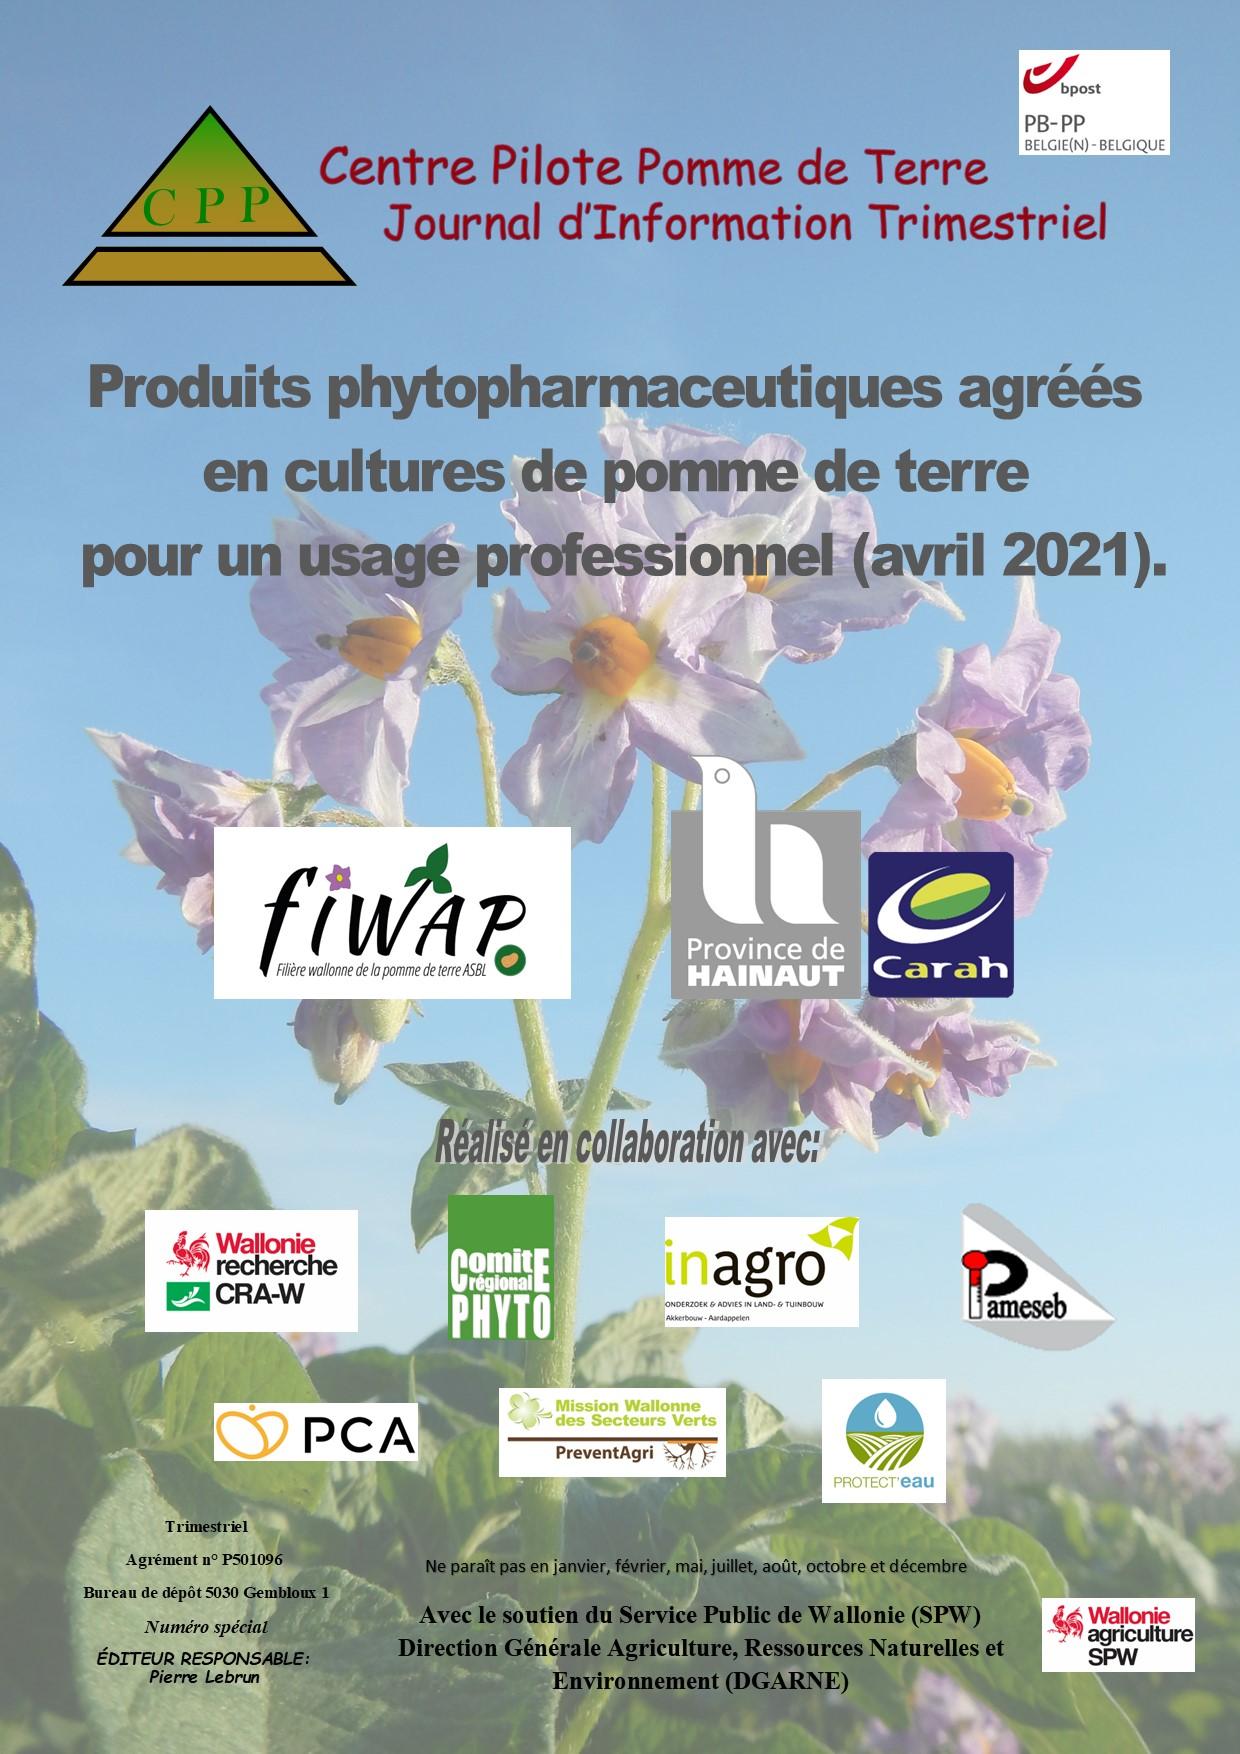 Liste des produits phytopharmaceutiques agréés en culture de pdt pour un usage professionnel – 2021